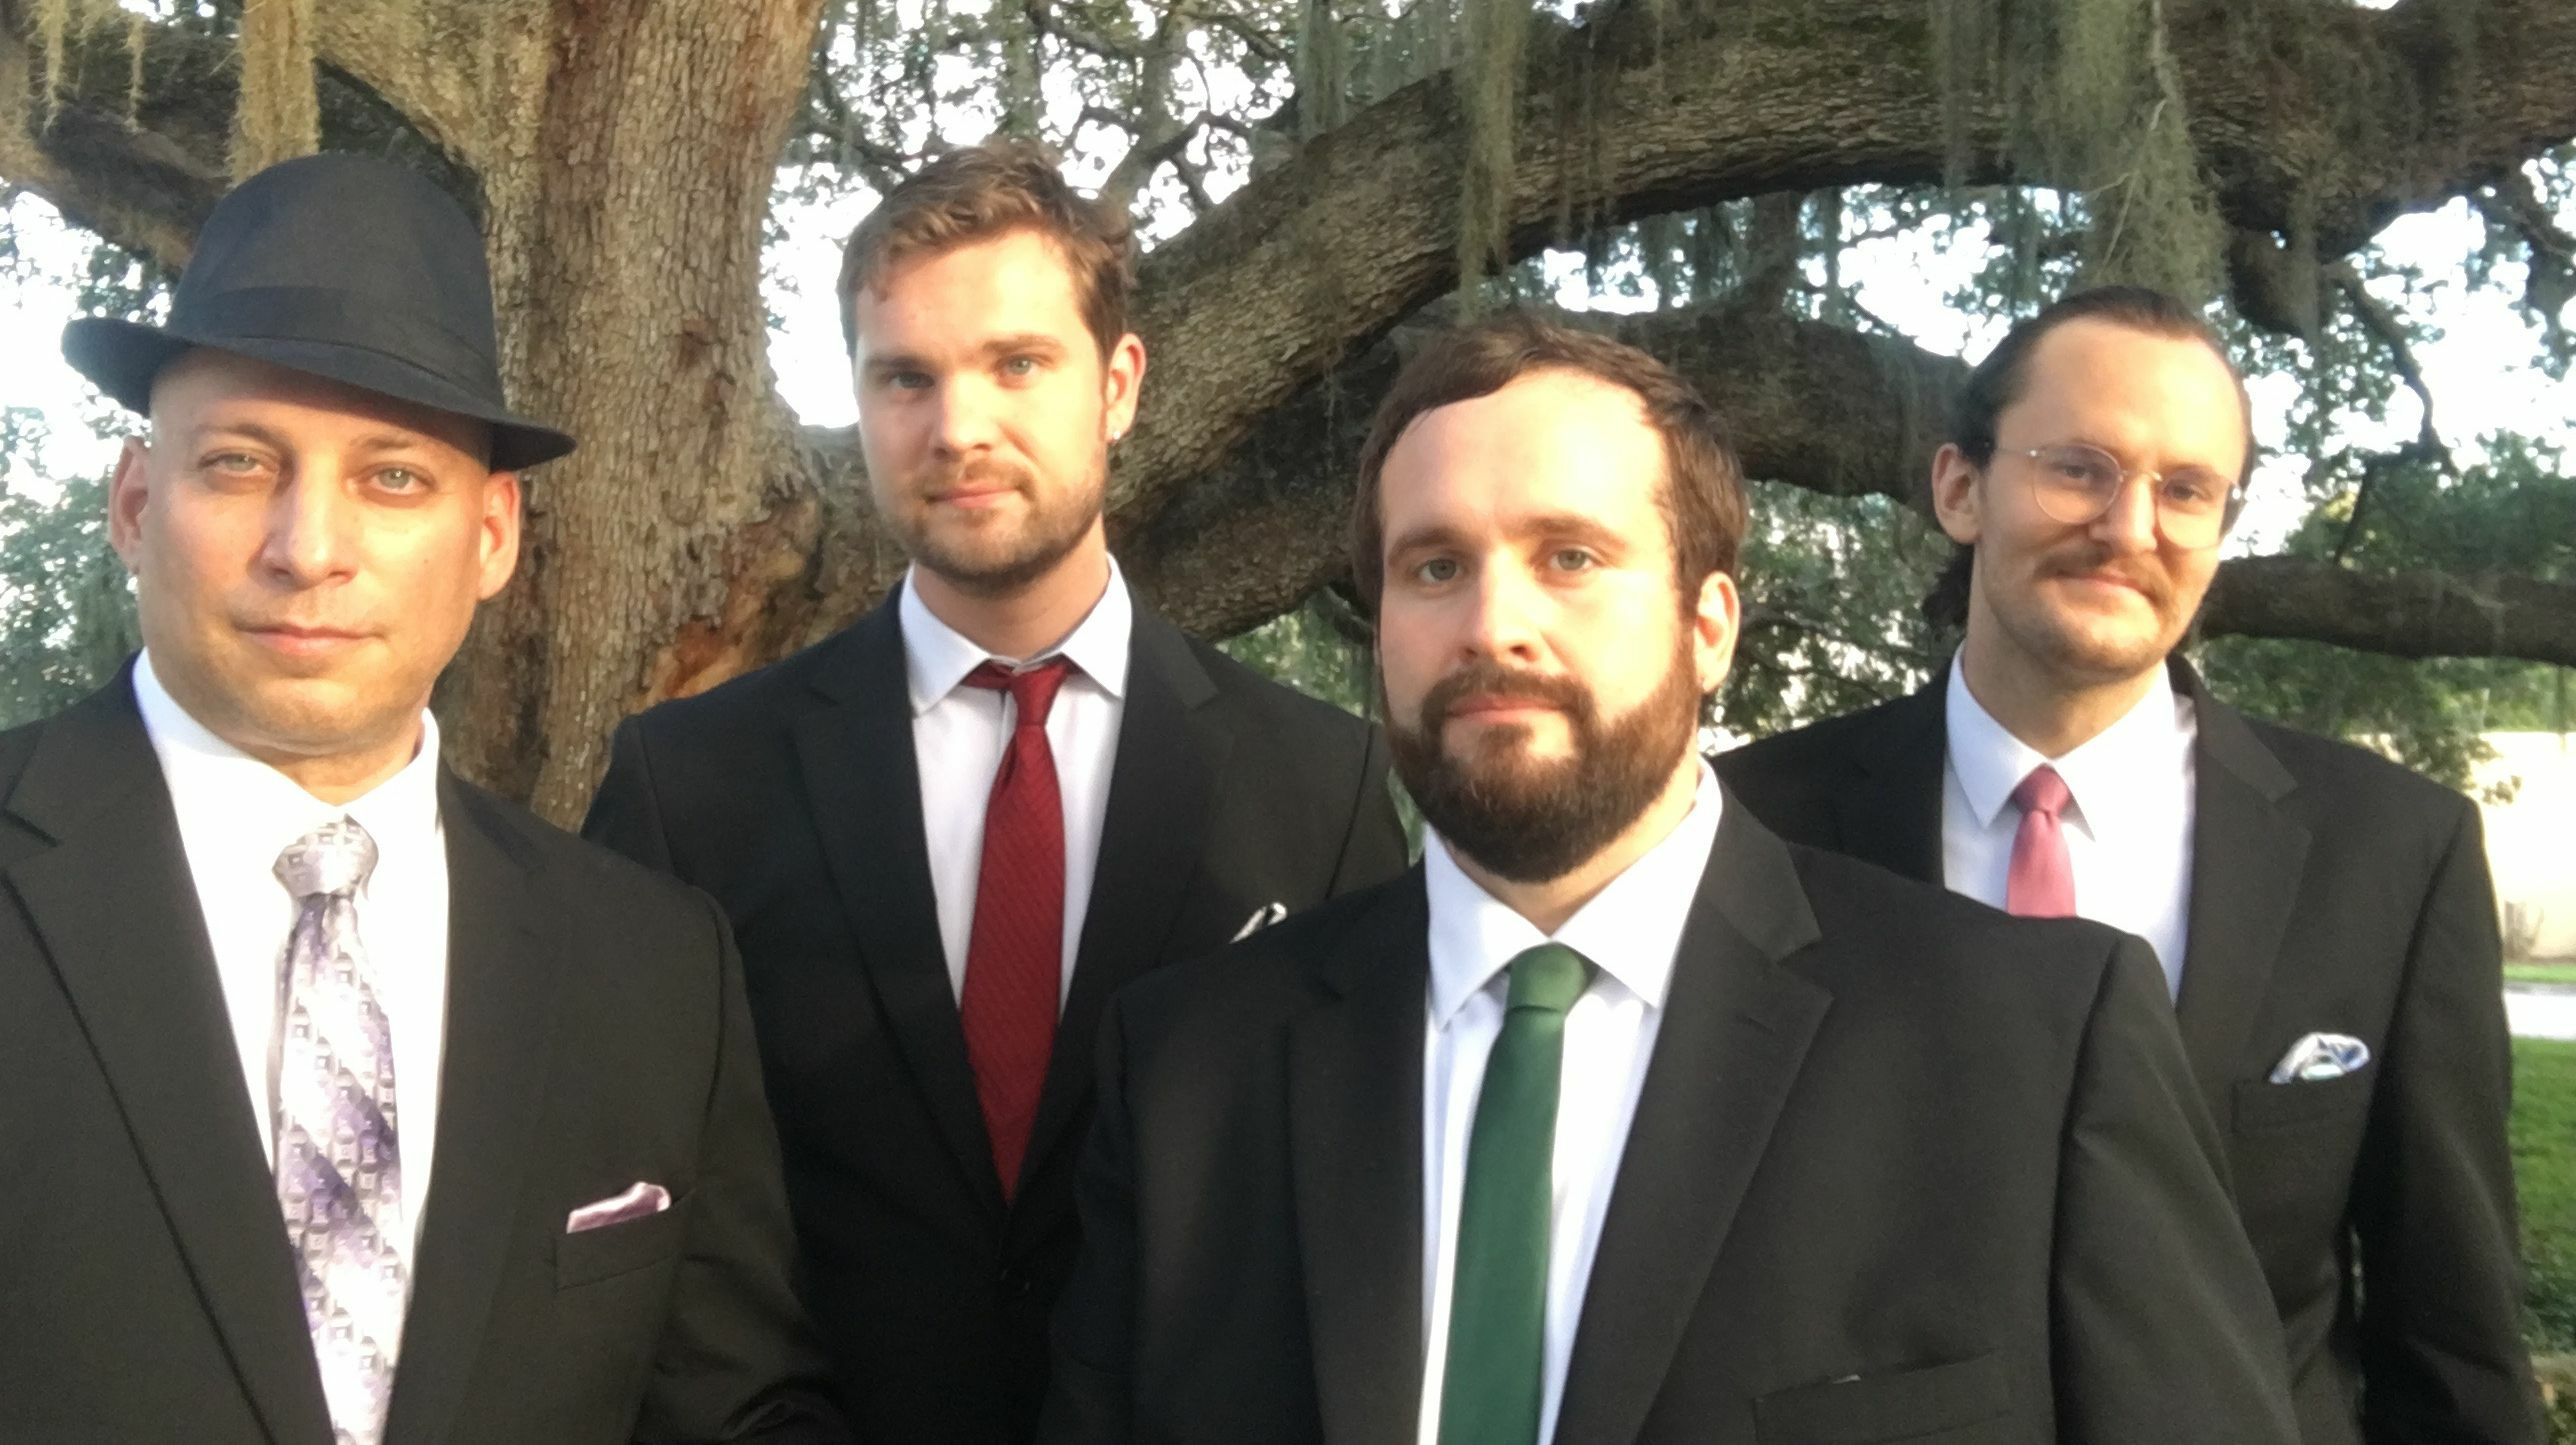 The Four Freshmen